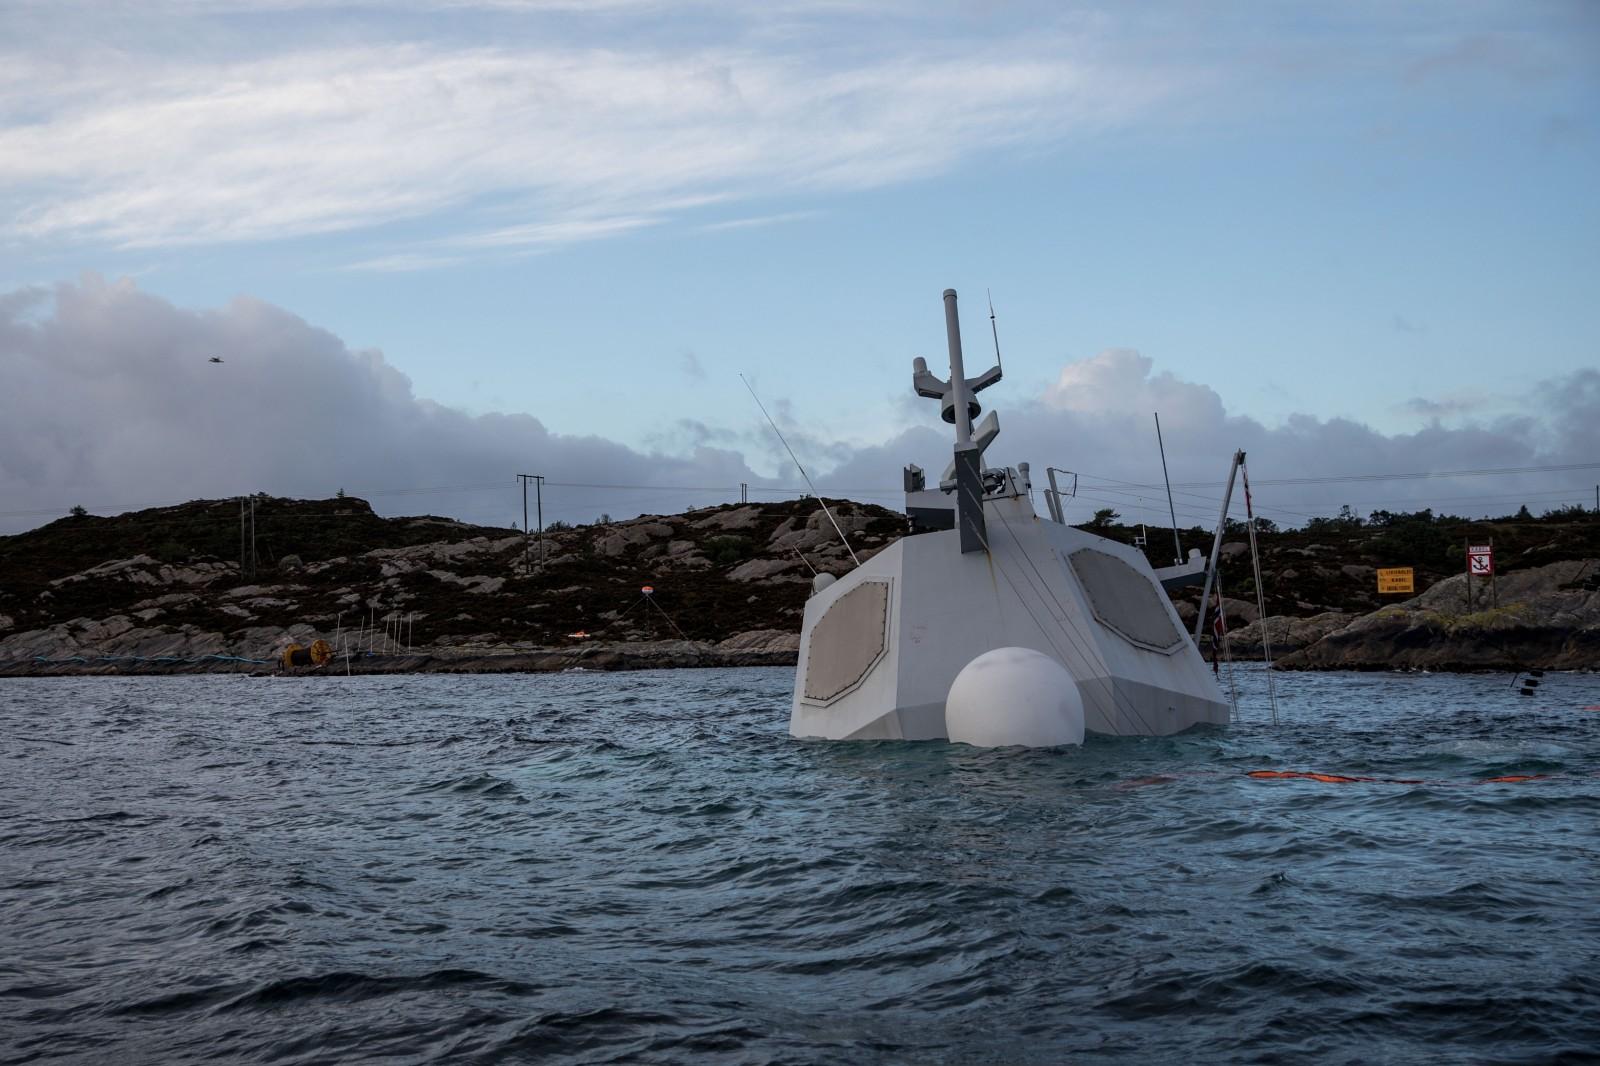 史上第一艘宙斯盾舰非战沉没,挪威海岸边形成大片污染区